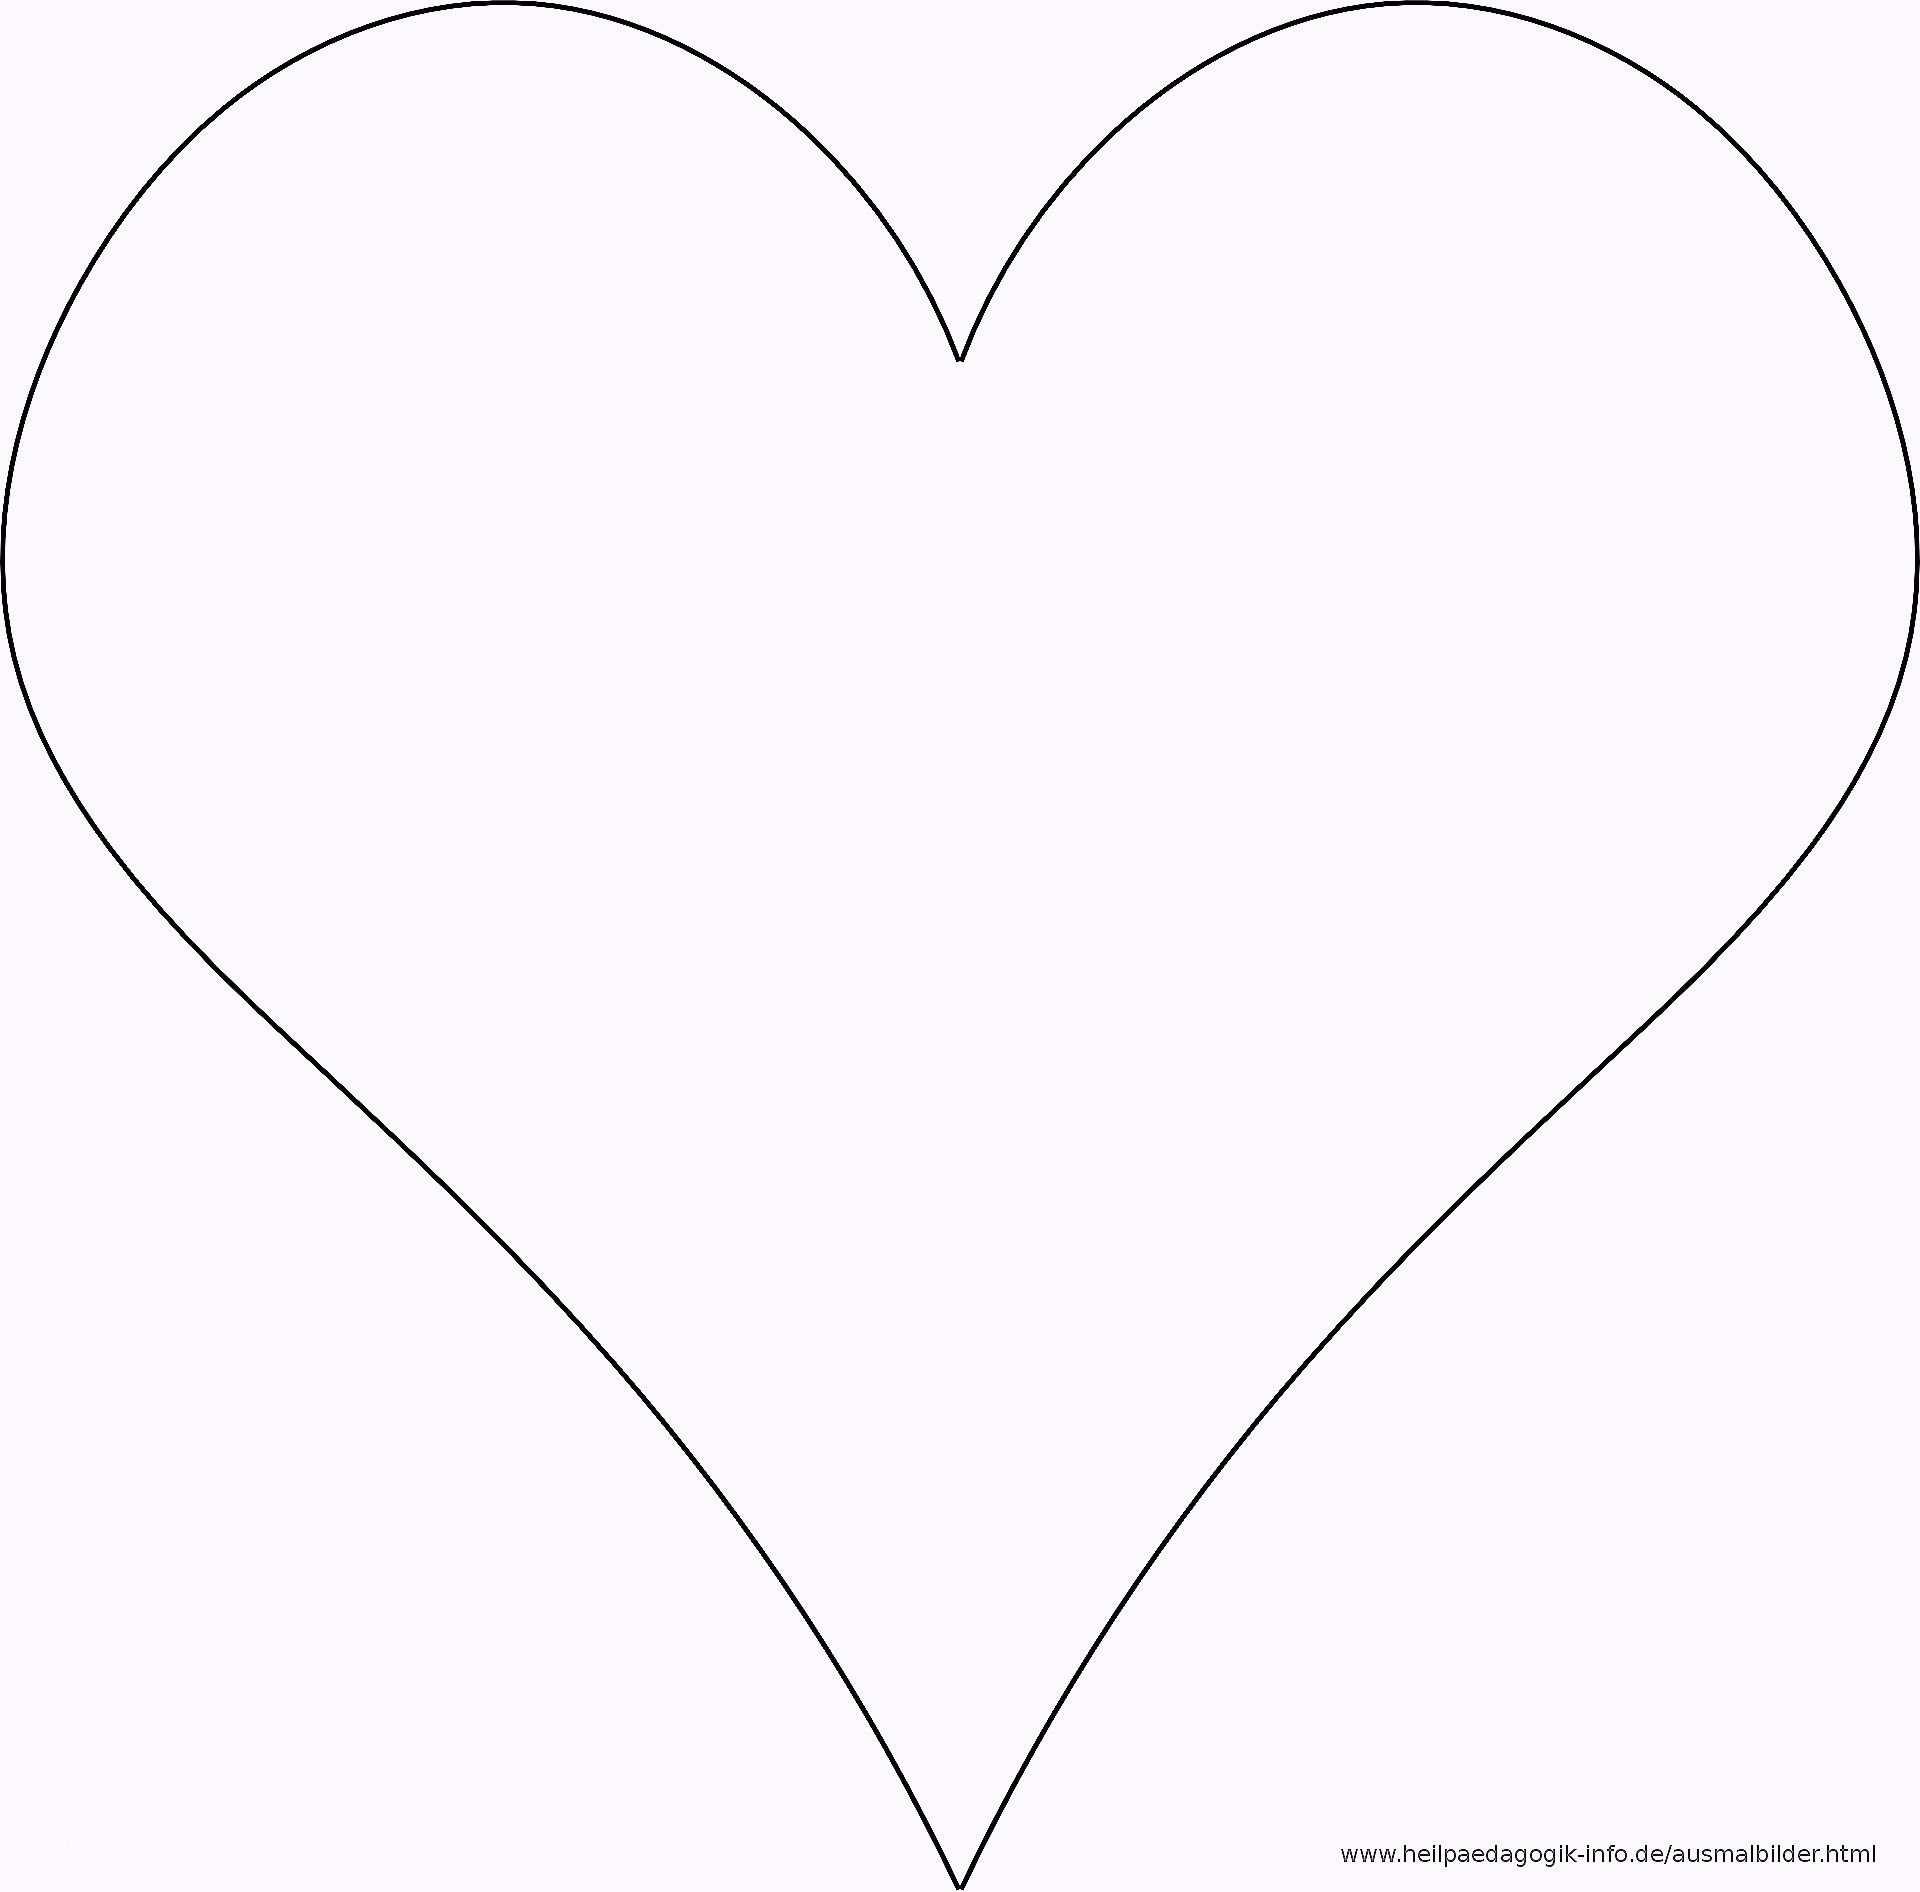 Unique Herz Vorlage Zum Ausdrucken Herz Vorlage Vorlagen Herz